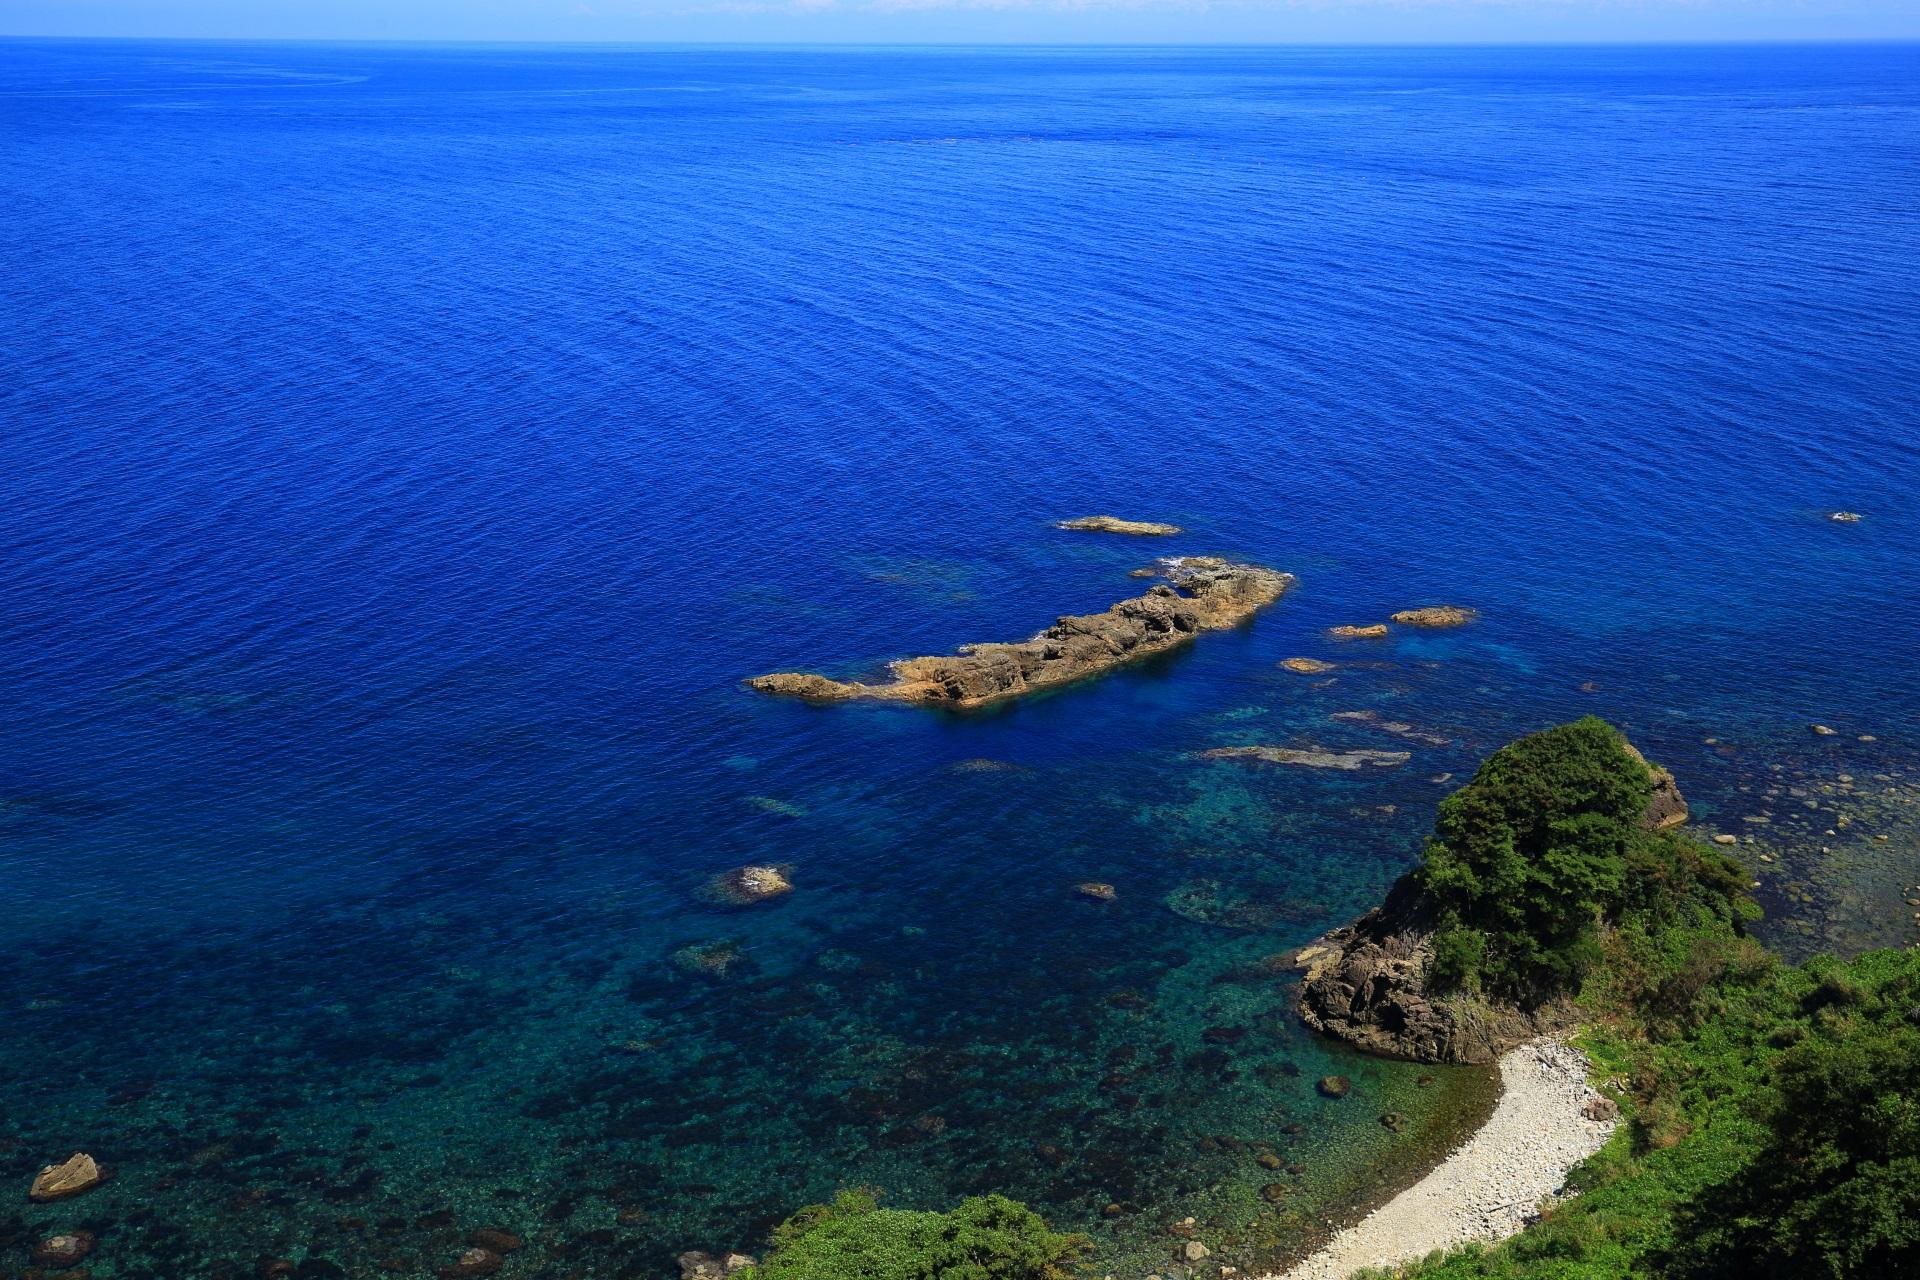 カマヤ海岸の青い海と一文字の岩とアクセントになる白い砂浜